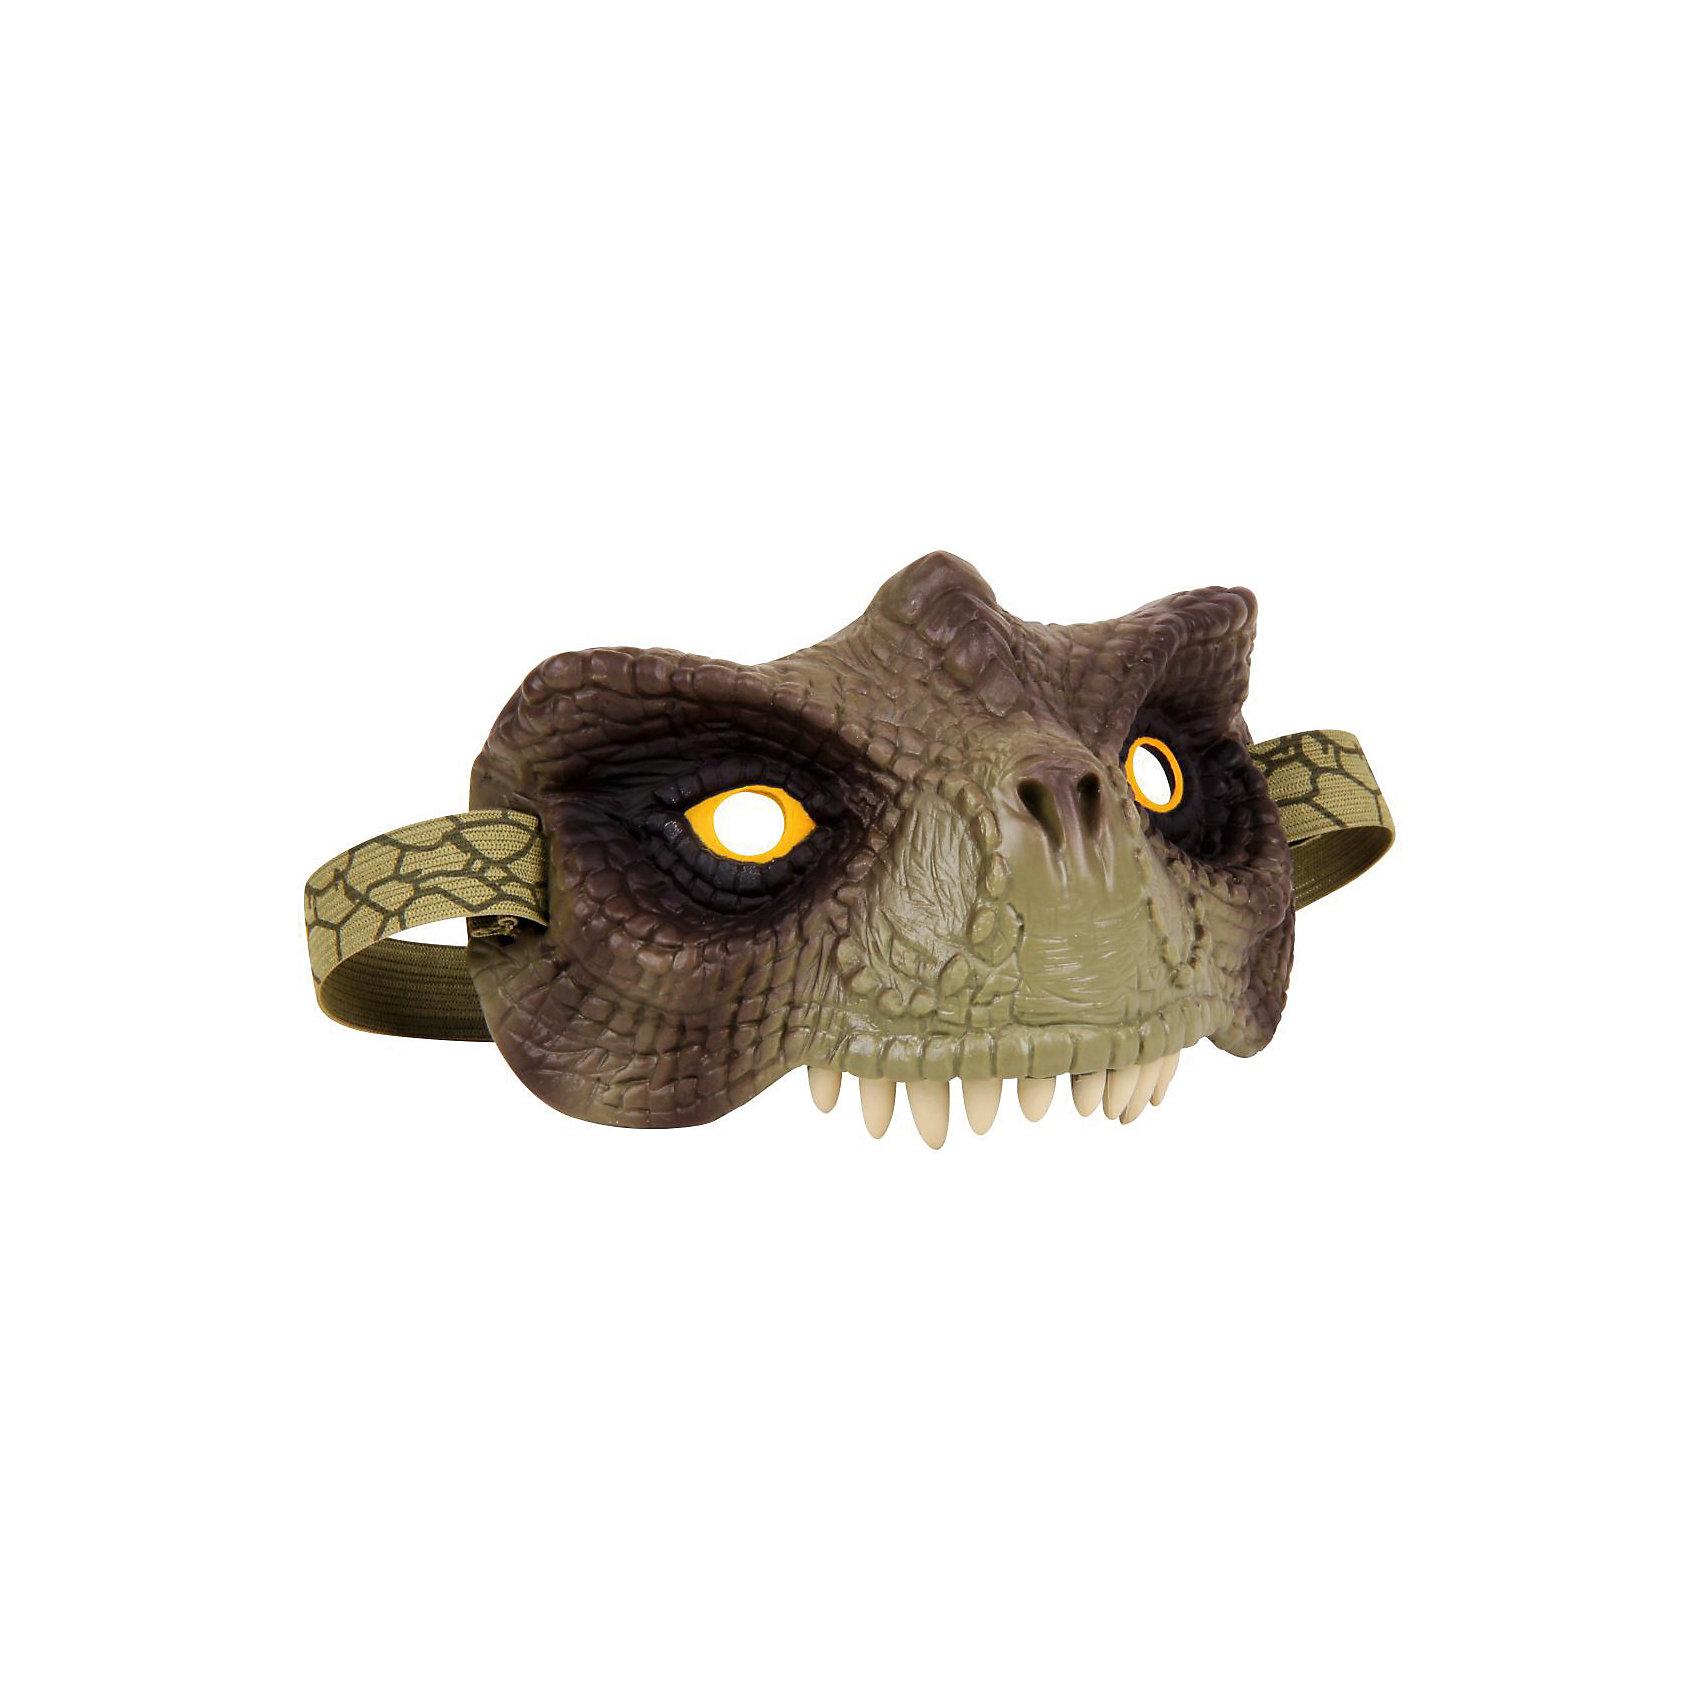 Очки Глаза Динозавра, Uncle MiltonОчки Глаза Динозавра, Uncle Milton, вызовут восторг у всех юных любителей доисторических ящеров. Очки выполнены в виде морды динозавра и могут использоваться как маска или аксессуар для увлекательной игры. Игрушка из безопасной резины обладает тщательно проработанным дизайном, структура поверхности имитирует кожу динозавра. Очки фиксируются с помощью мягкого регулируемого ремешка, имеются прорези для глаз.<br><br>Дополнительная информация:<br><br>- Материал: резина, пластик. <br>- Размер упаковки: 15,2 х 11,4 х 25,4 см <br>- Вес: 140 гр.<br><br>Очки Глаза Динозавра, Uncle Milton, можно купить в нашем интернет-магазине.<br><br>Ширина мм: 150<br>Глубина мм: 130<br>Высота мм: 355<br>Вес г: 140<br>Возраст от месяцев: 60<br>Возраст до месяцев: 180<br>Пол: Унисекс<br>Возраст: Детский<br>SKU: 4627940